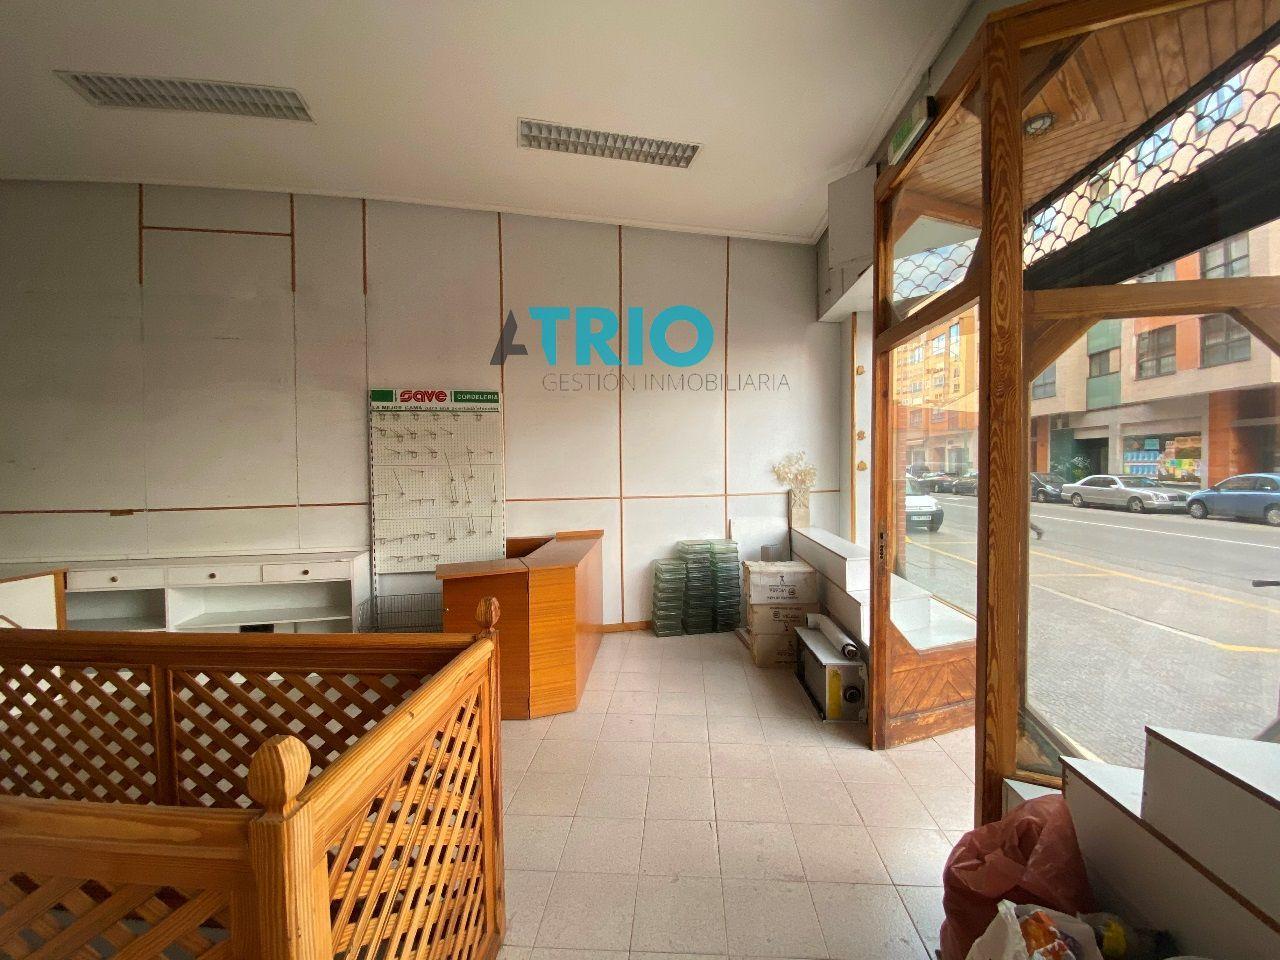 dia.mobiliagestion.es/Portals/inmoatrio/Images/6481/4231643